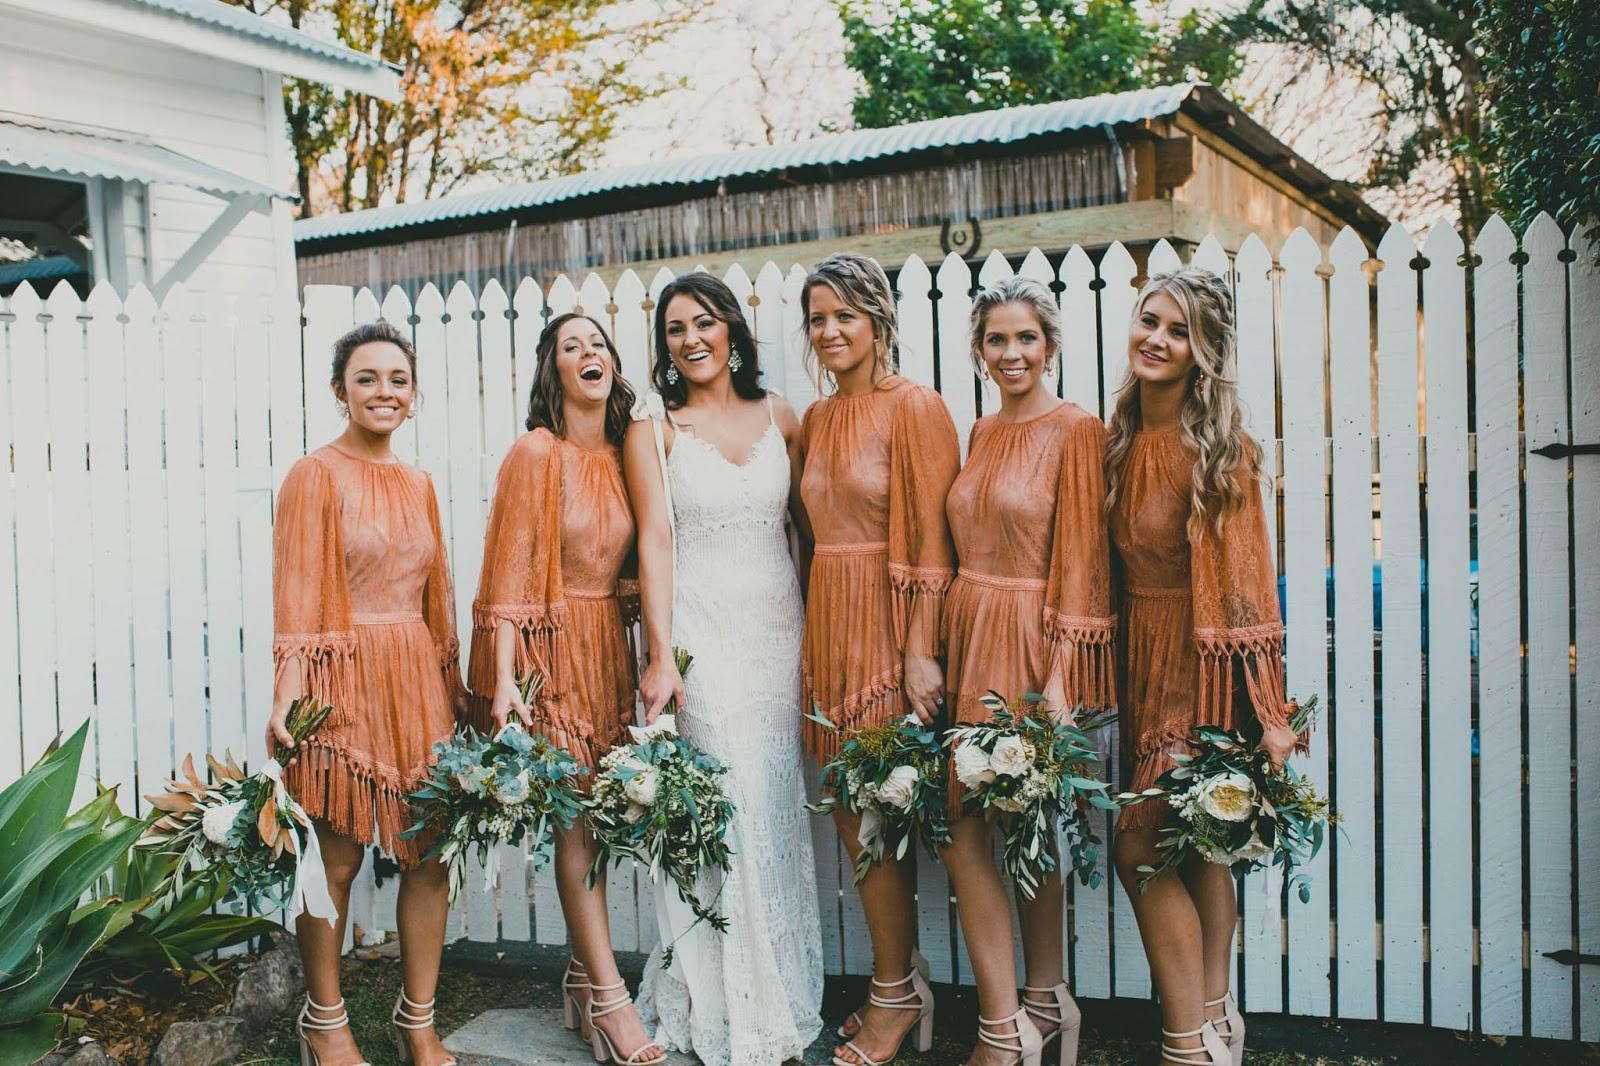 BRIDAL: BYRON BAY WEDDING HAIR CO   BRIDAL STYLING DREAMS COME TRUE BYRON BAY NSW